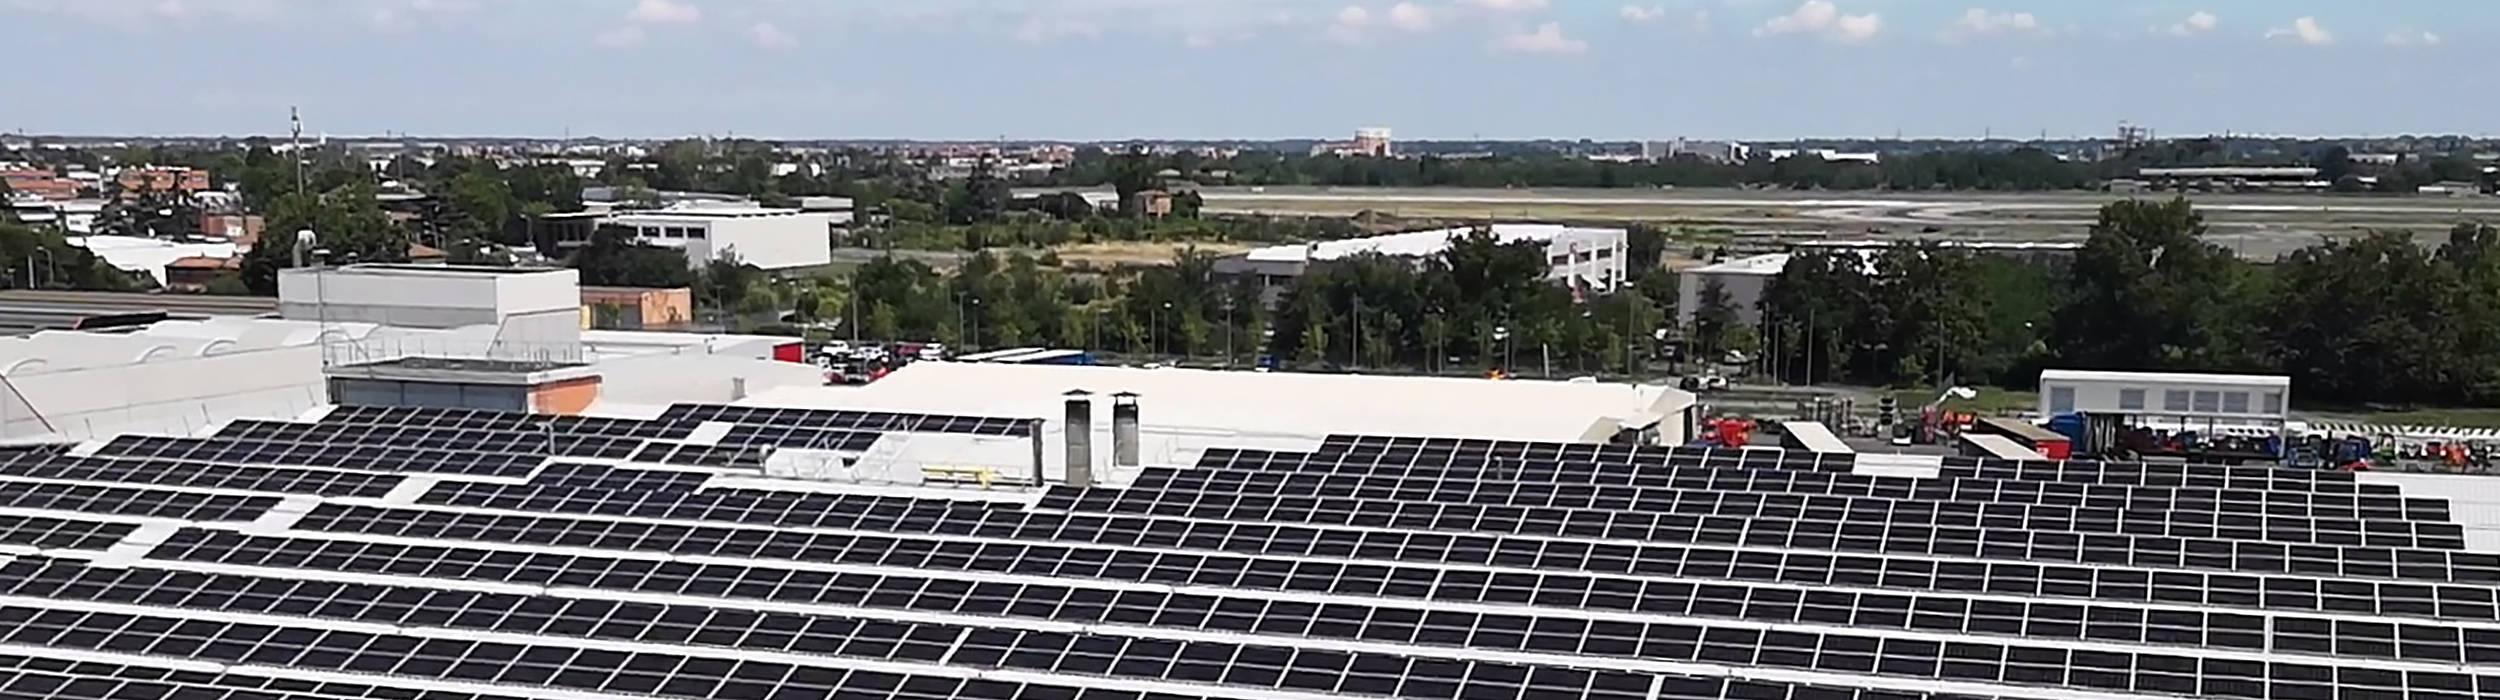 Panneaux solaires installés chez Toyota Material Handling Manufacturing en Italie (usine de Bologne) permettant d'économiser 370 tonnes de CO2 par an.